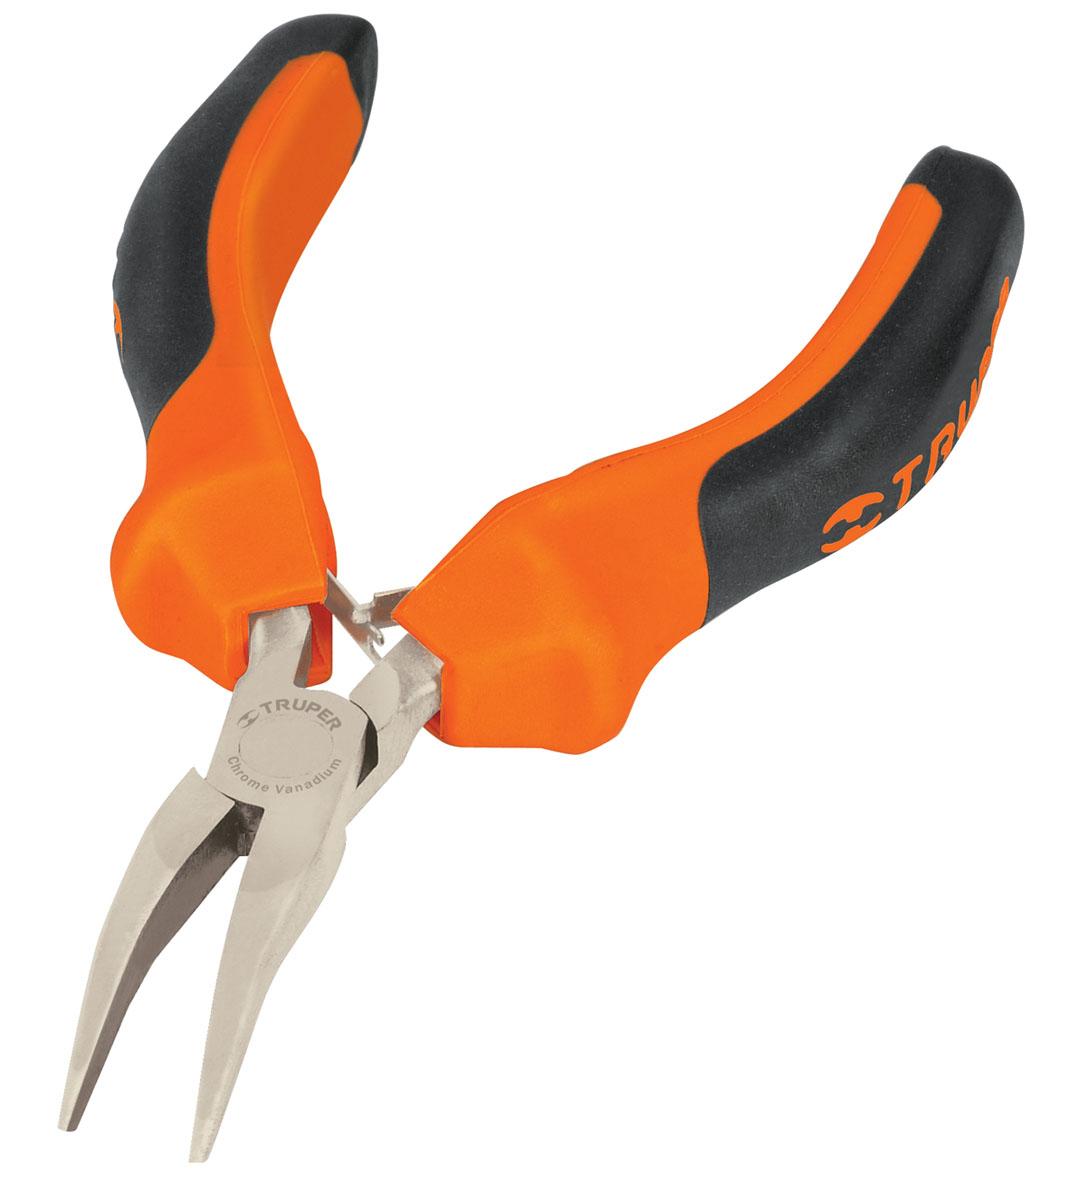 Длинногубцы Truper, изогнутые 12,2 см2706 (ПО)Длинногубцы изогнутые Truper предназначены для захвата, зажима и удержания мелких деталей. Изготовлены из кованной хром-ванадиевой стали, которая в два раза прочнее углеродистой стали. Сатинированное покрытие металлической части в 3 раза лучше защищает от коррозии. Обрезиненные рукоятки обеспечивают надежный захват.